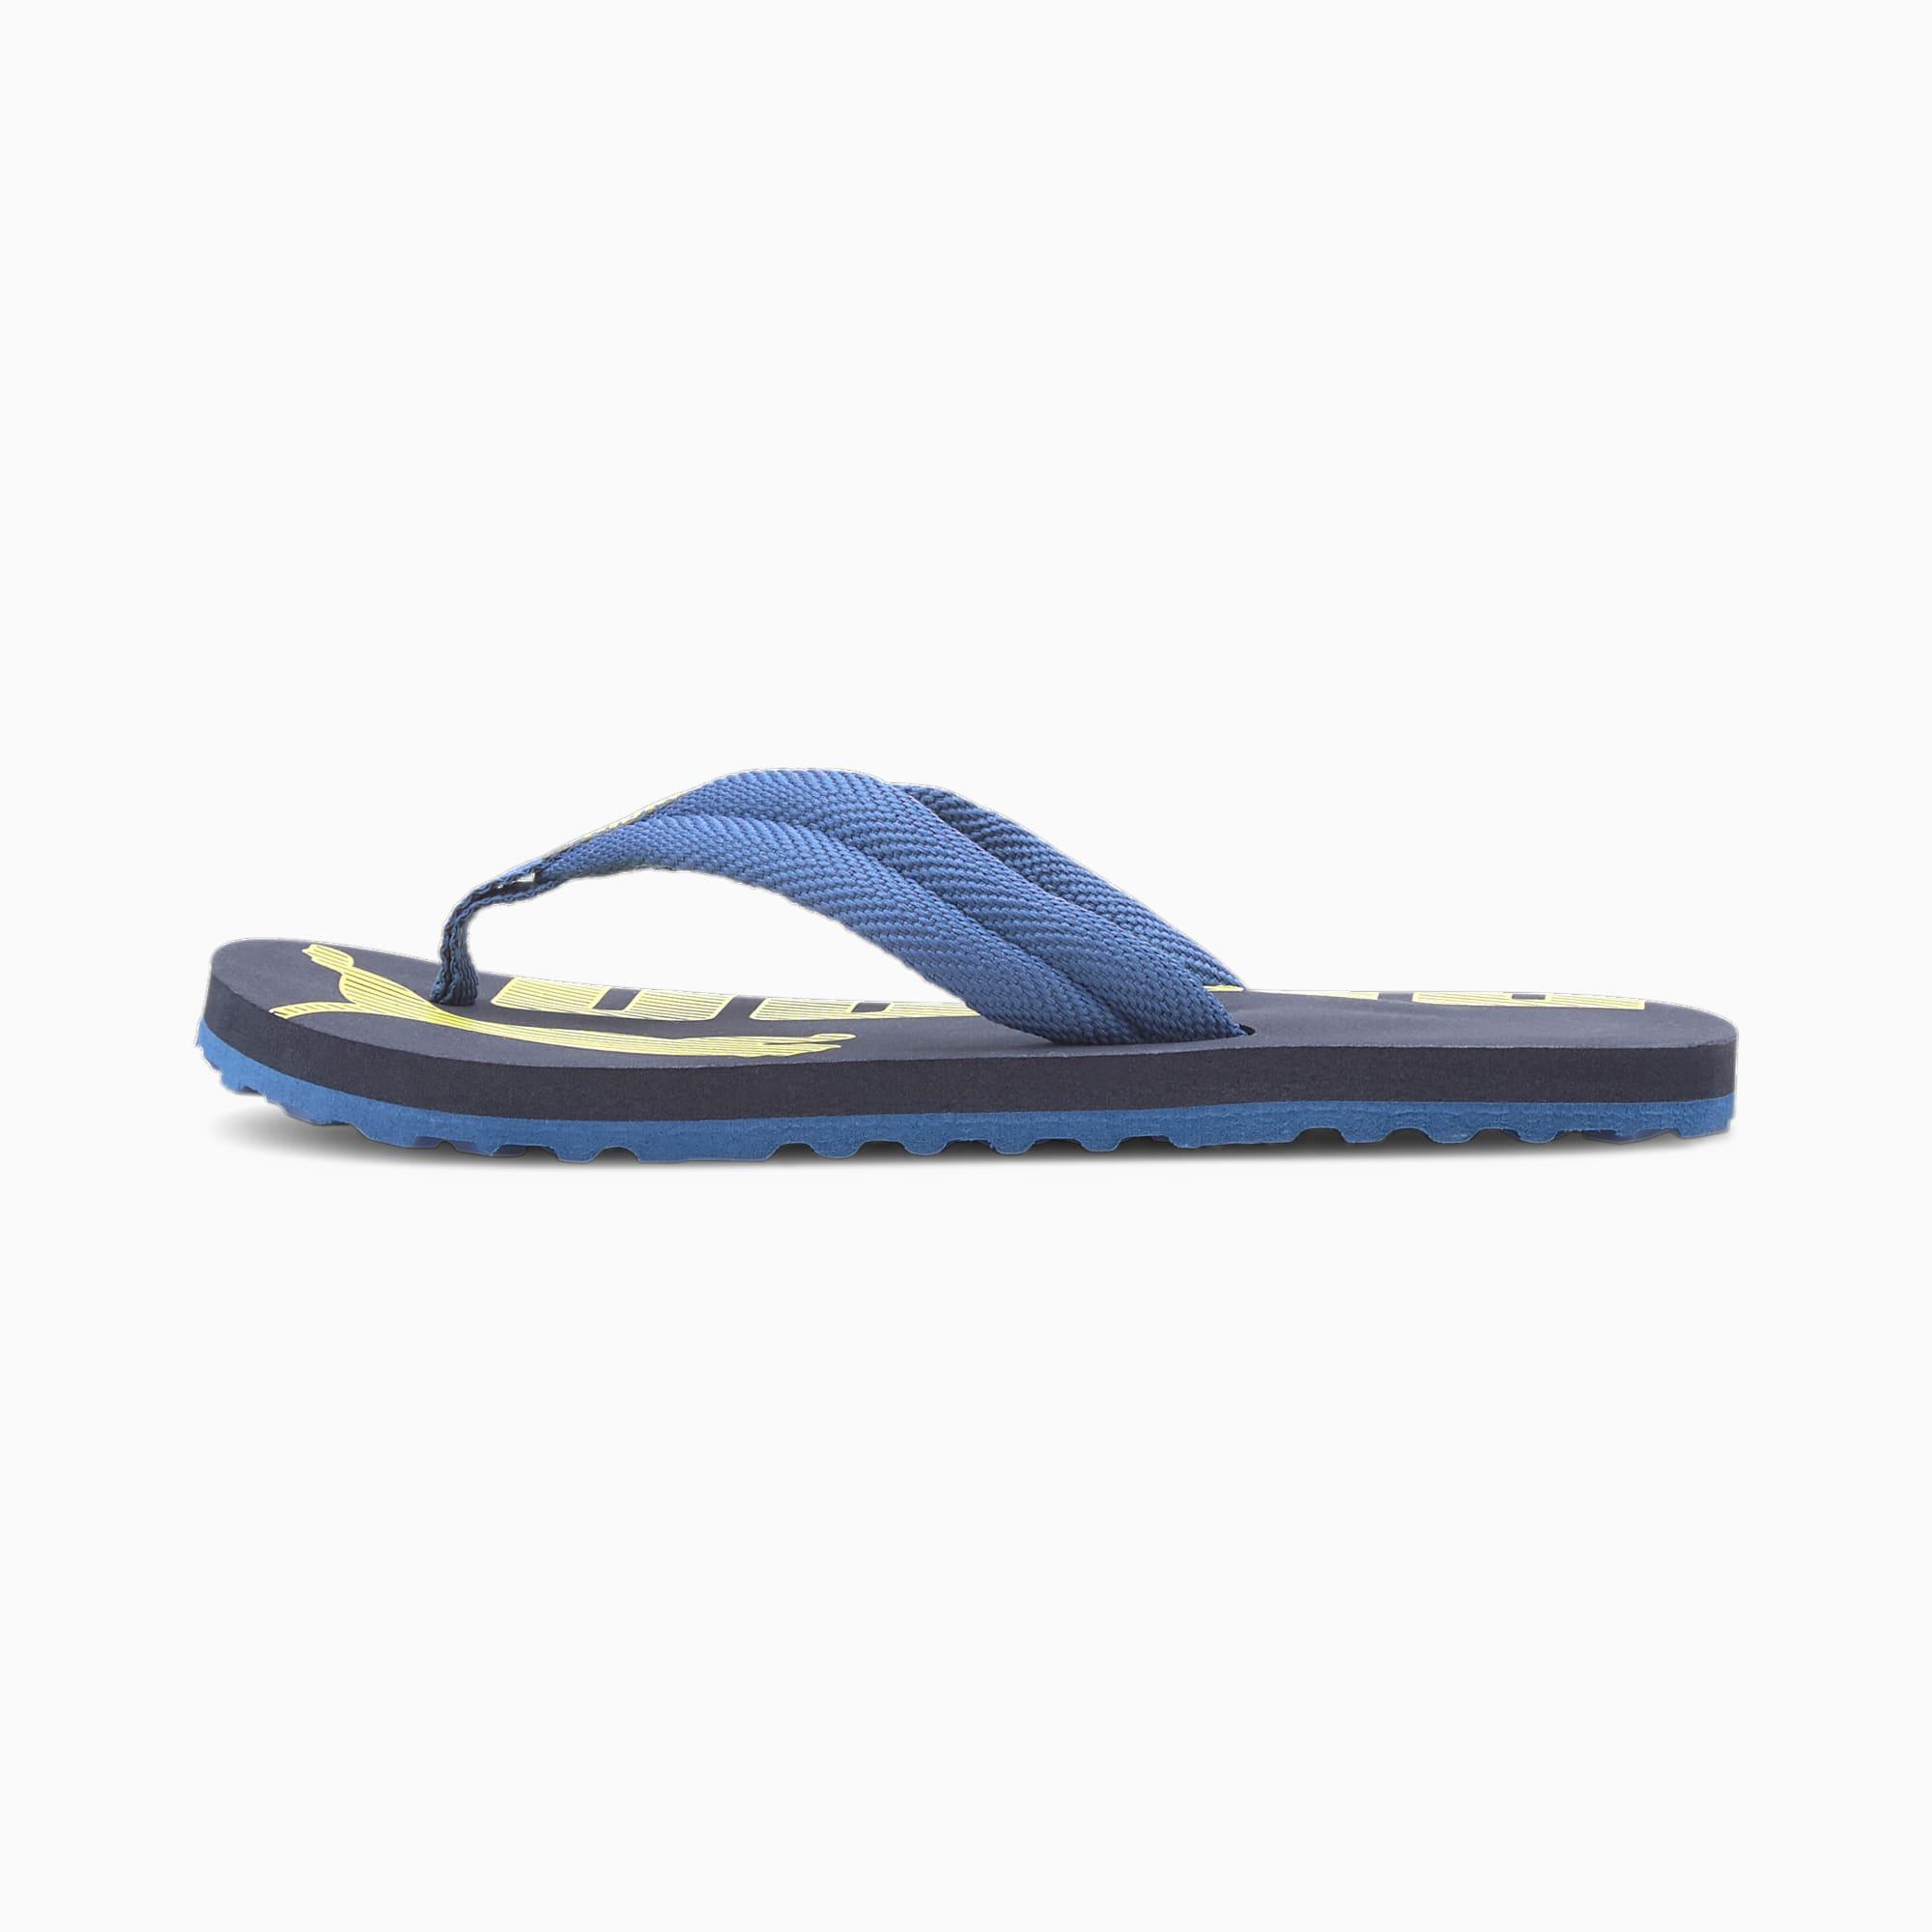 PUMA Chaussure Epic Flip v2 Preschool pour enfants, Bleu, Taille 33, Chaussures